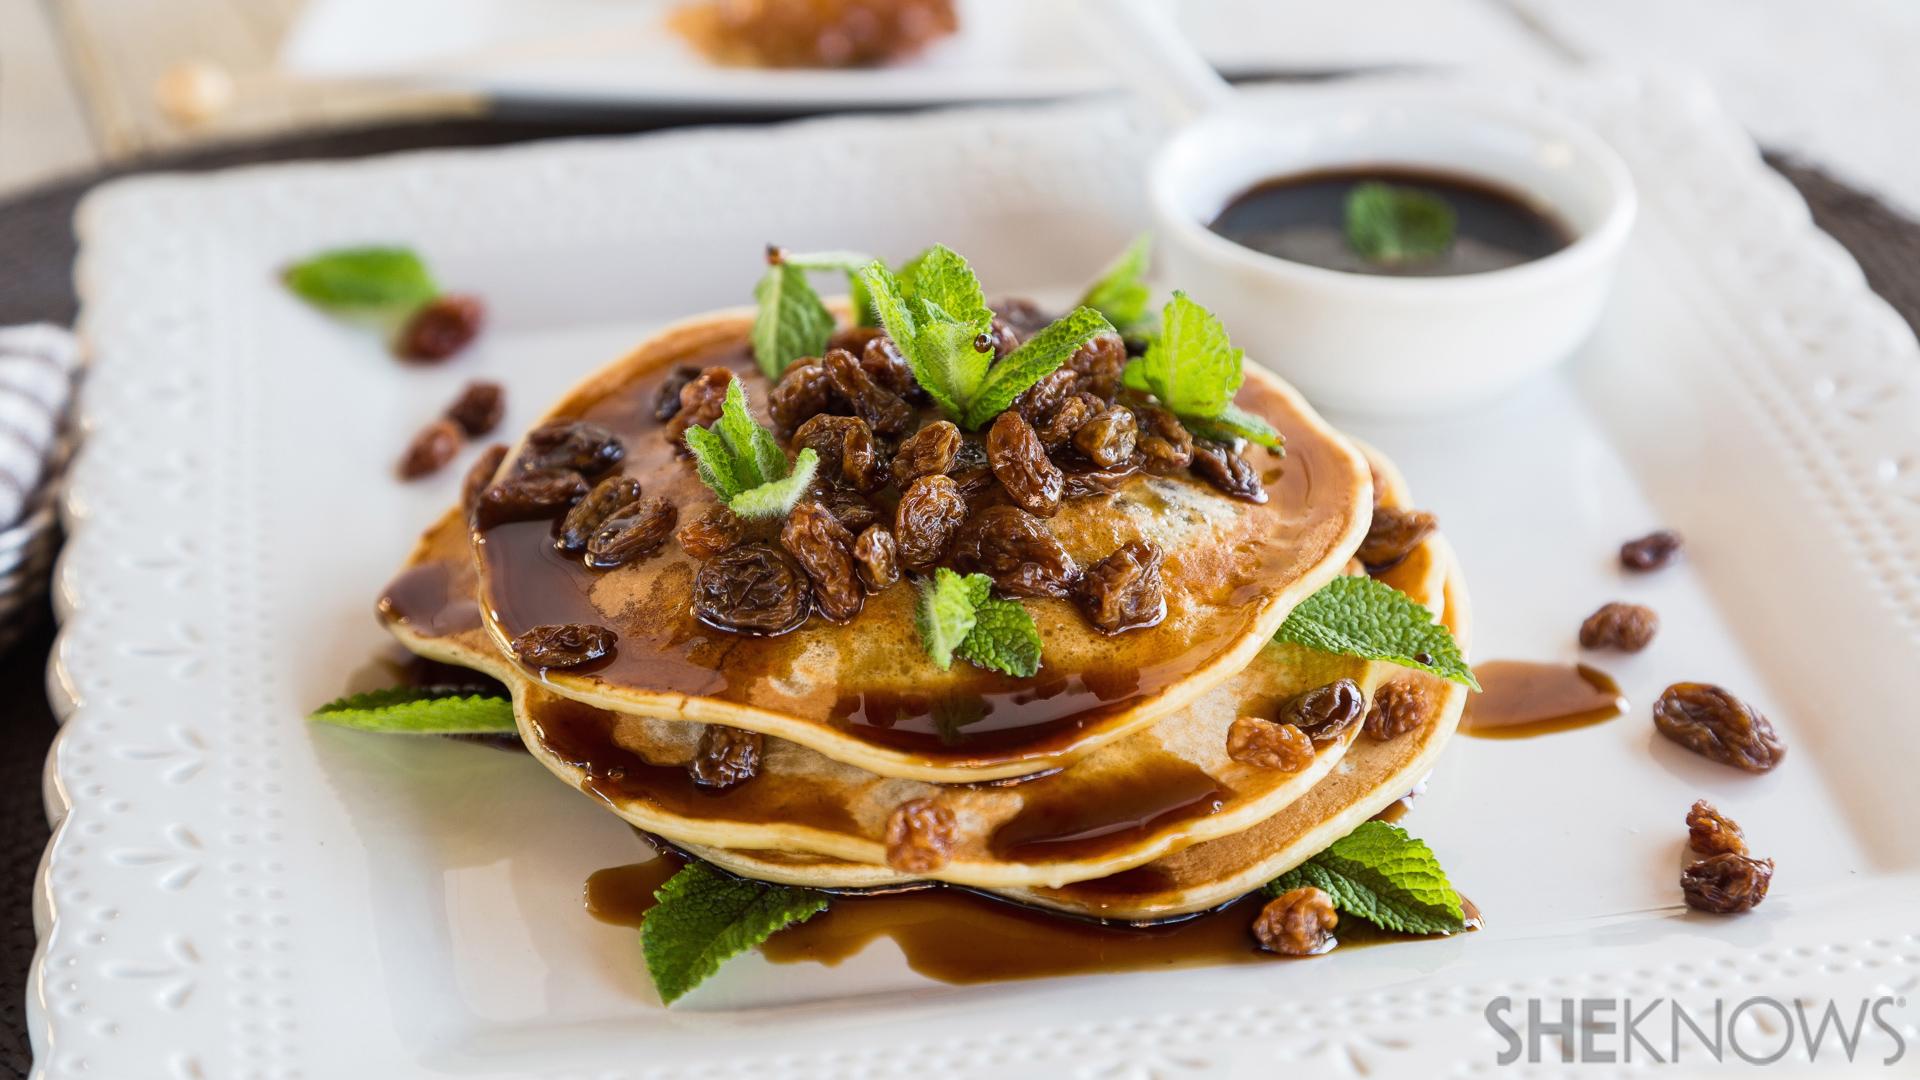 Rum raisin pancakes with rum syrup recipe